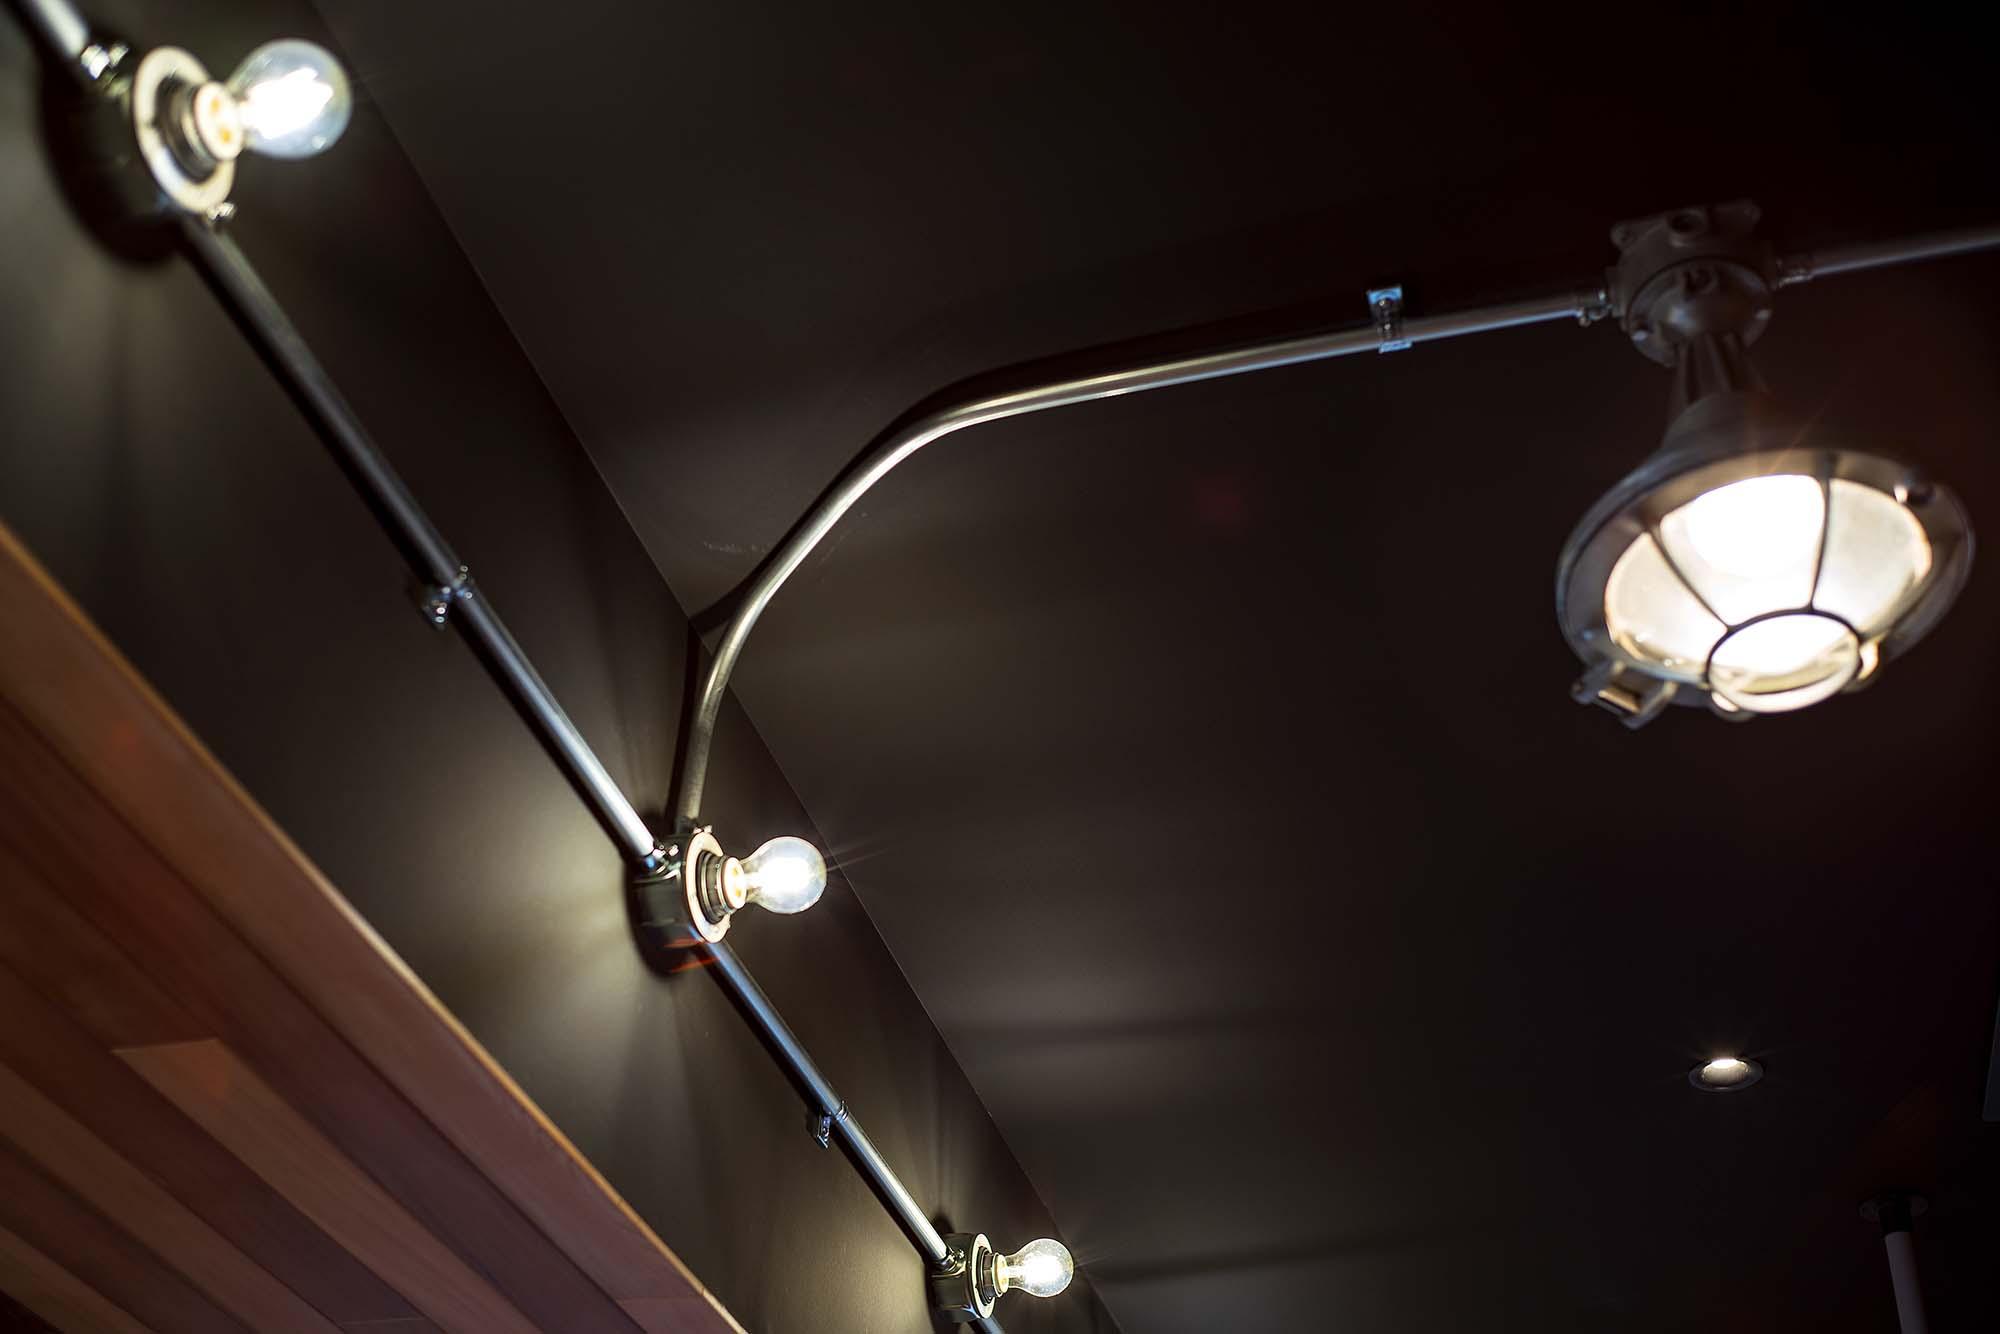 船舶用投光器を室内照明にpage-visual 船舶用投光器を室内照明にビジュアル